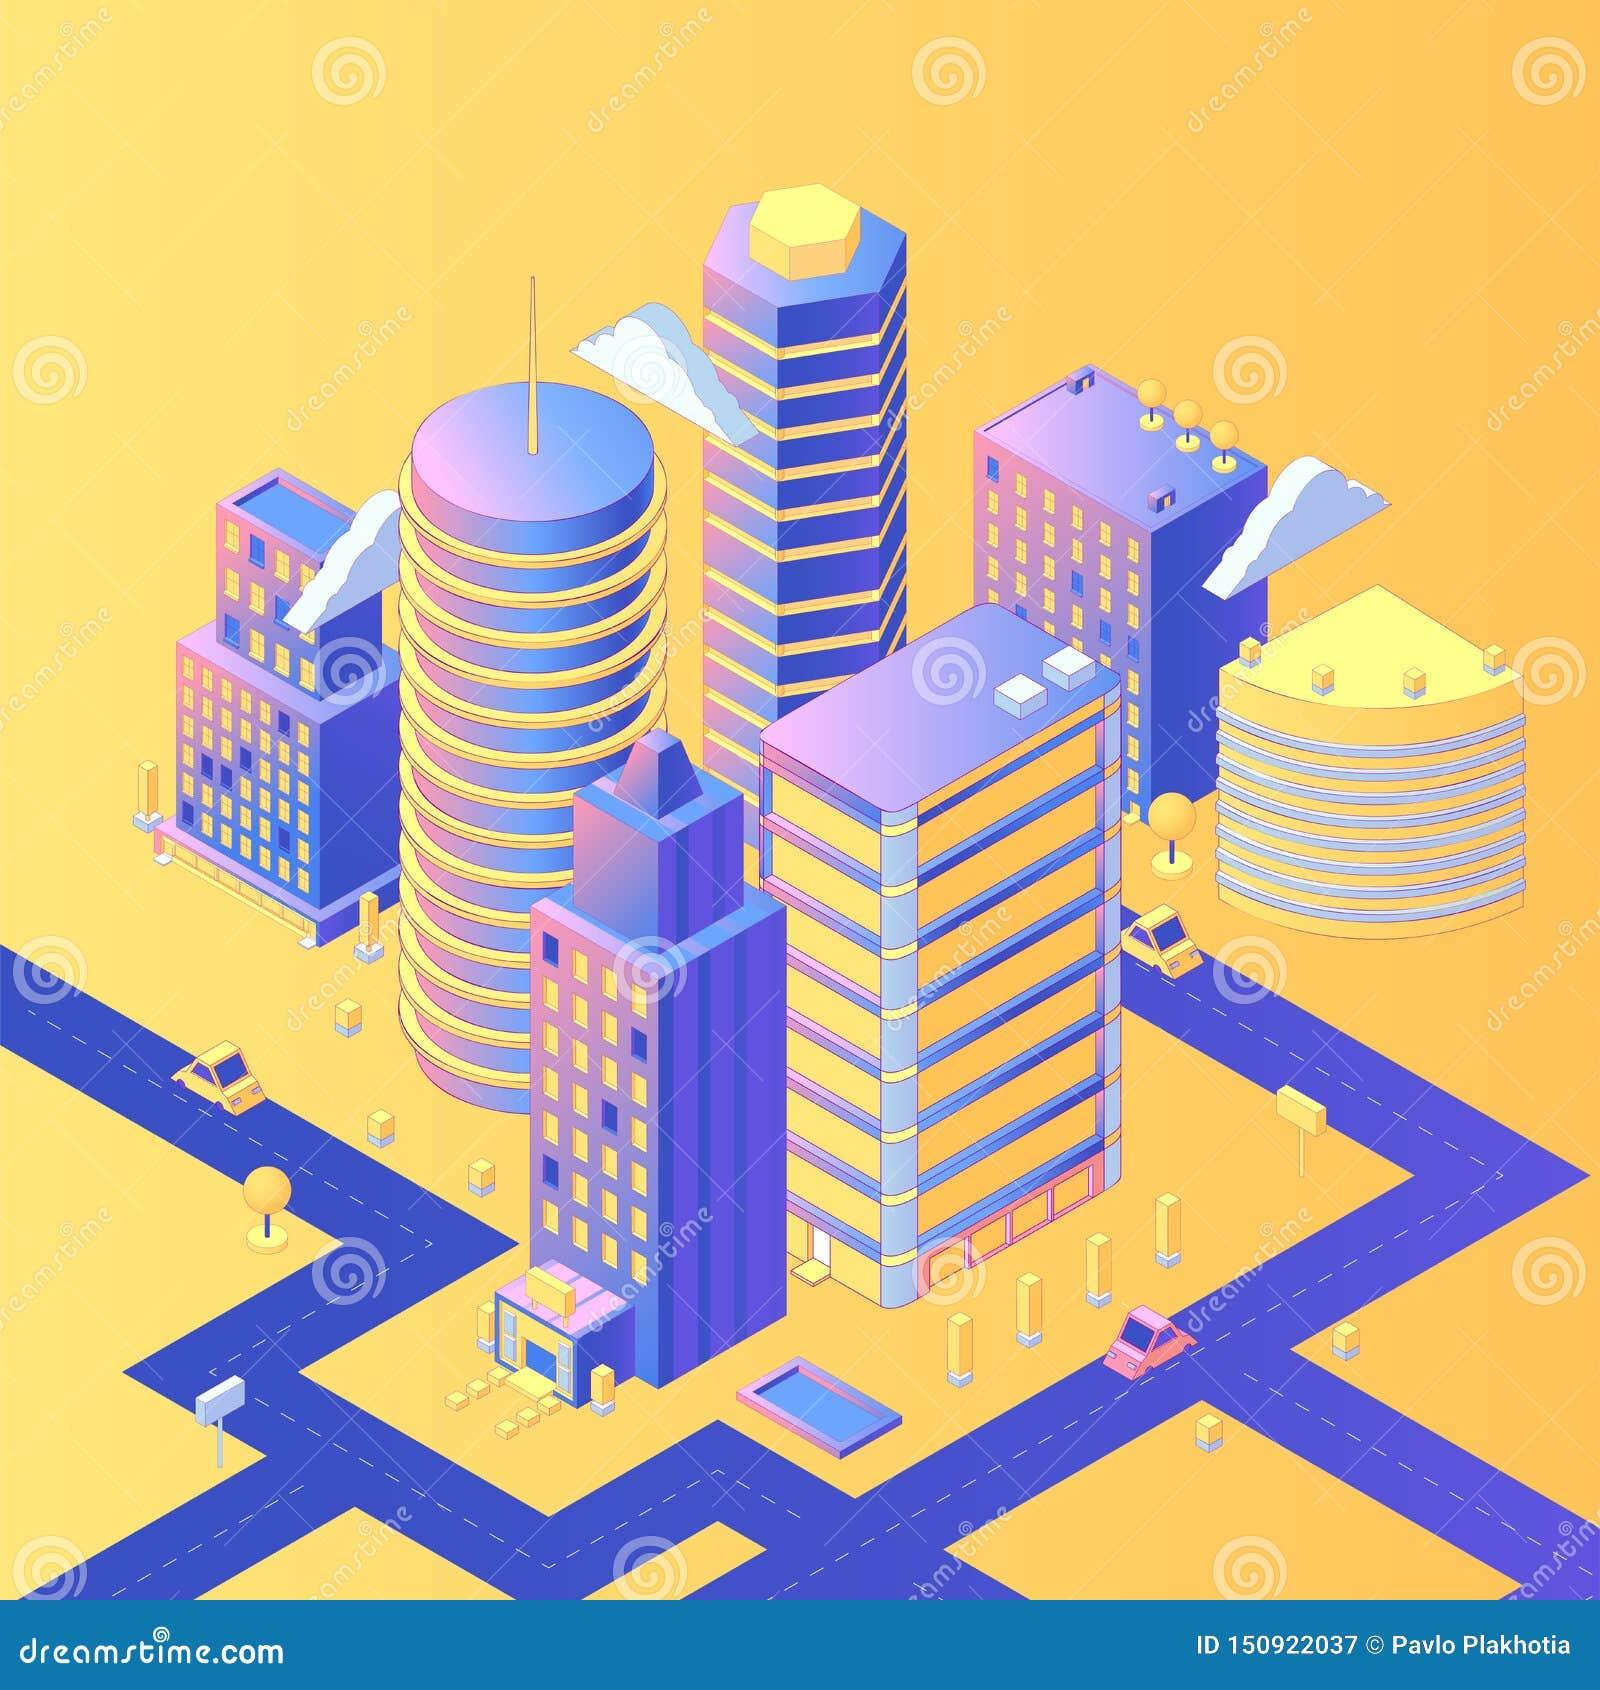 Illustrazione isometrica di vettore della città futuristica